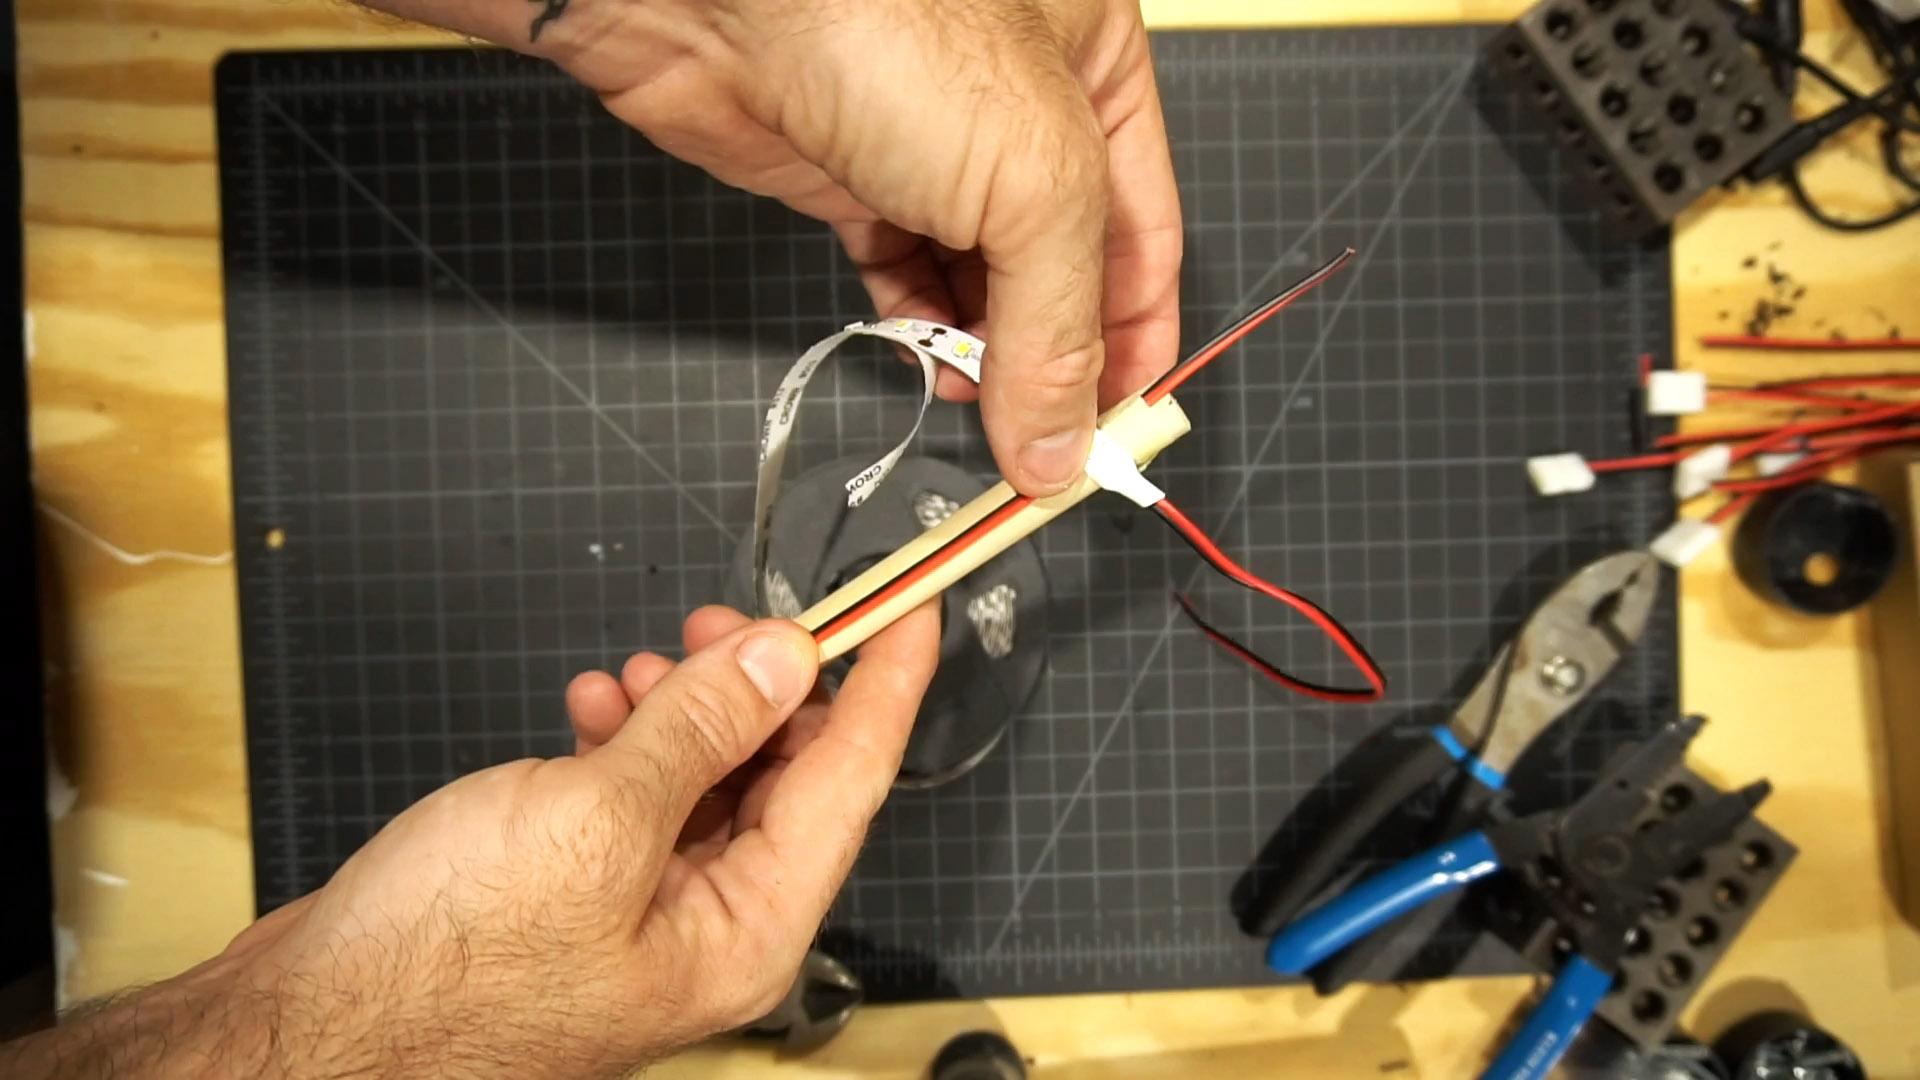 Как из светодиодной ленты сделать круглый светильник 12 В для любых нужд